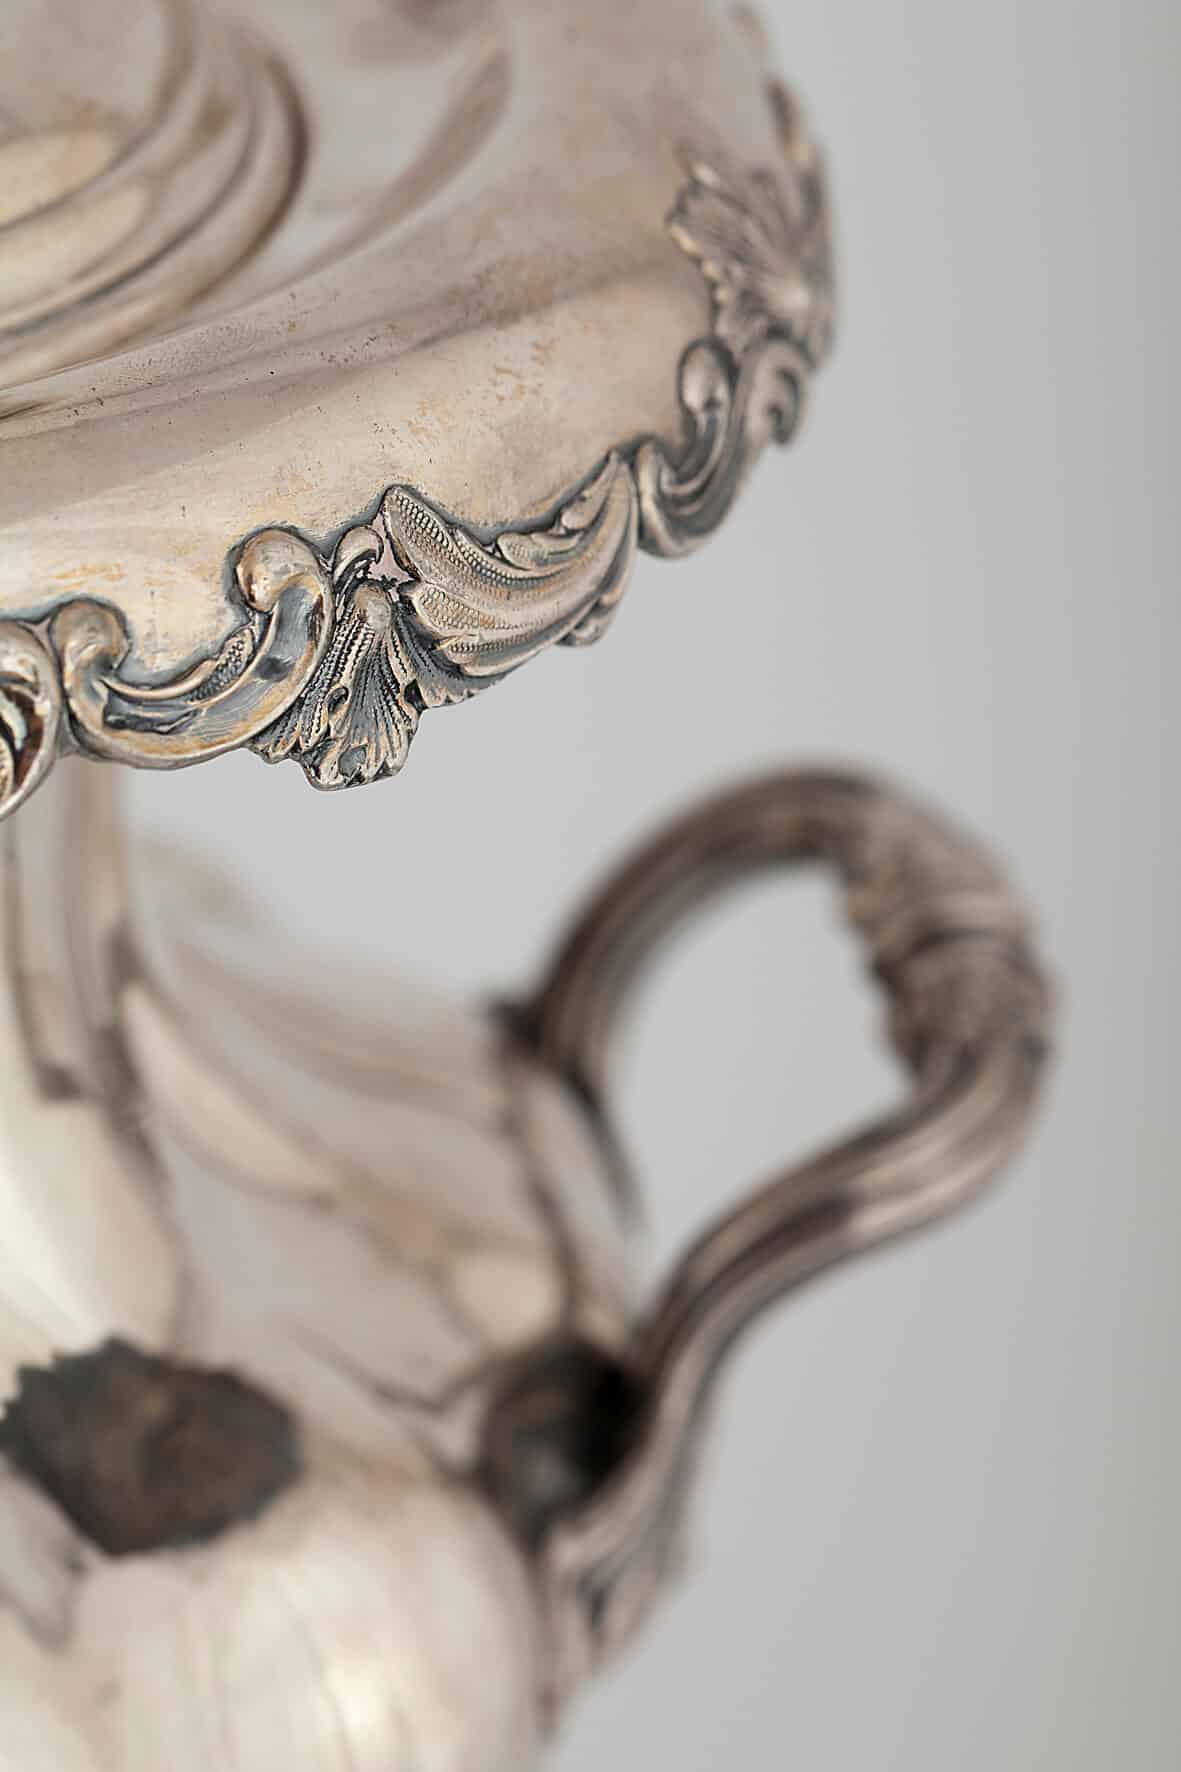 КБ 396 | Самовар-ваза c цветочным бордюром | Музей самоваров и бульоток